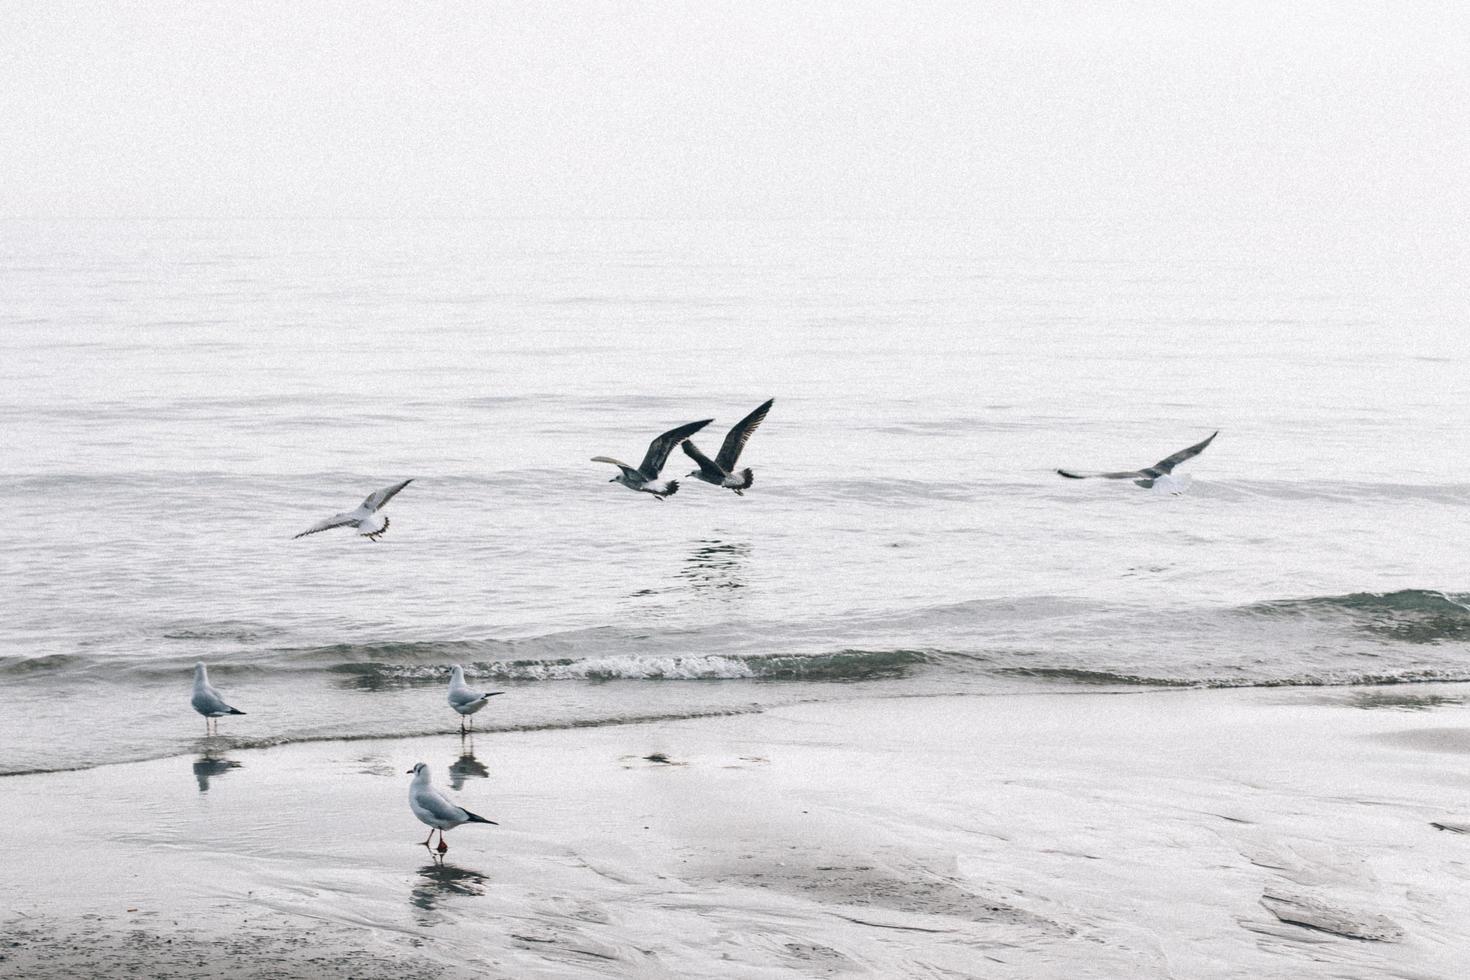 Möwen fliegen über die Küste foto